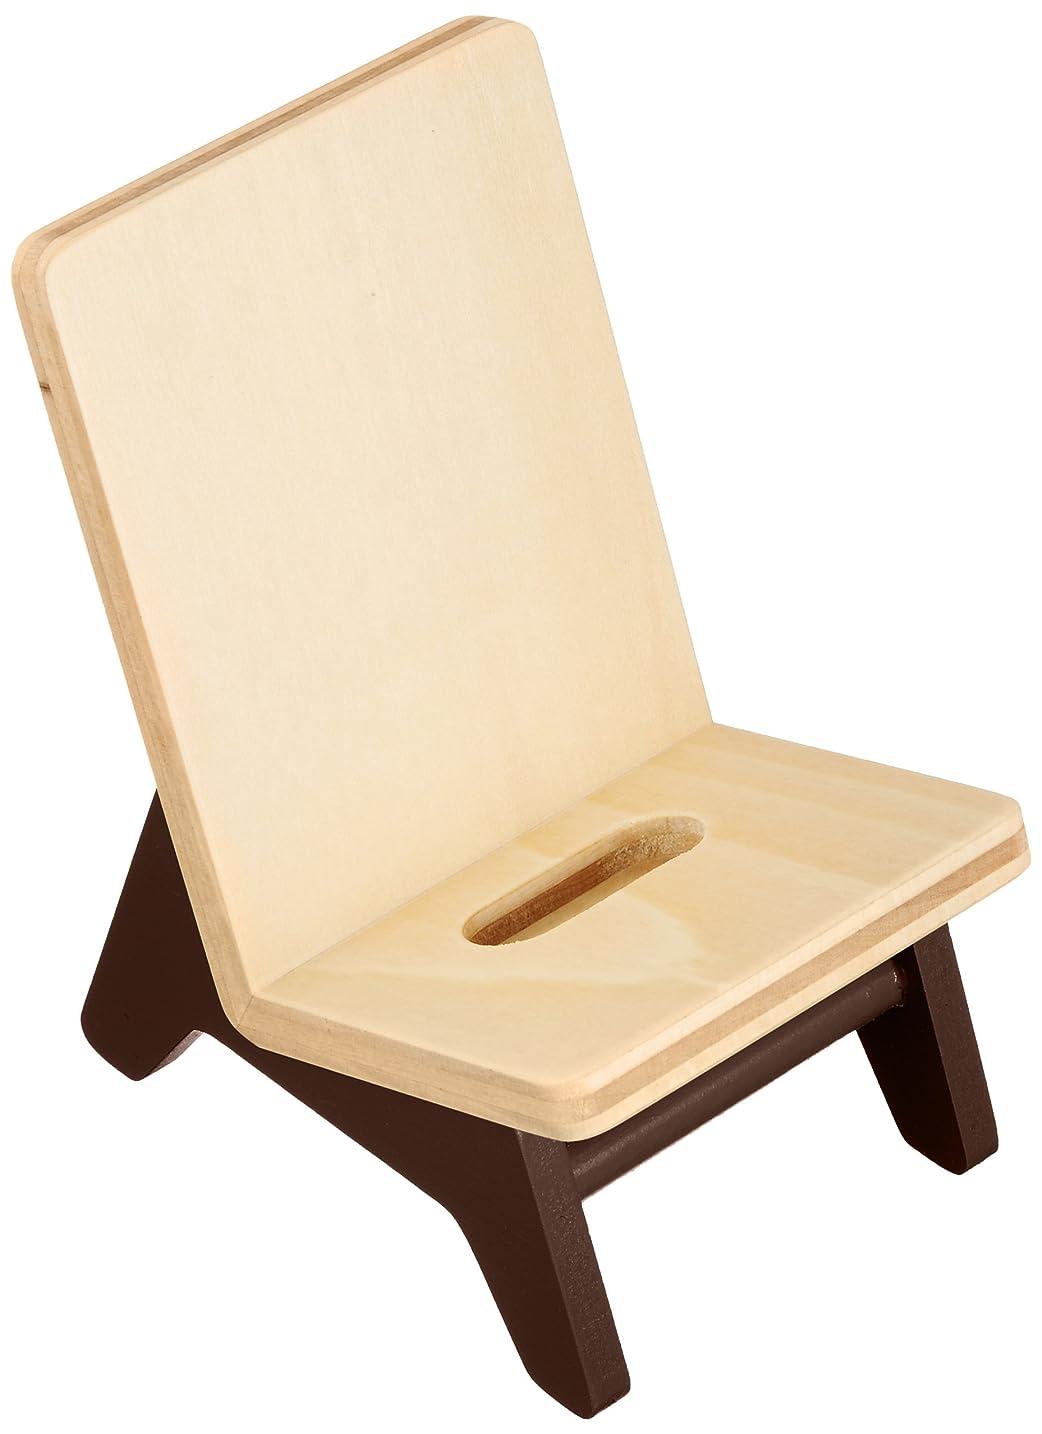 有能なメロドラマ医療過誤ヤマト工芸 携帯スタンド 「chair holder」 ブラウン YK11-106